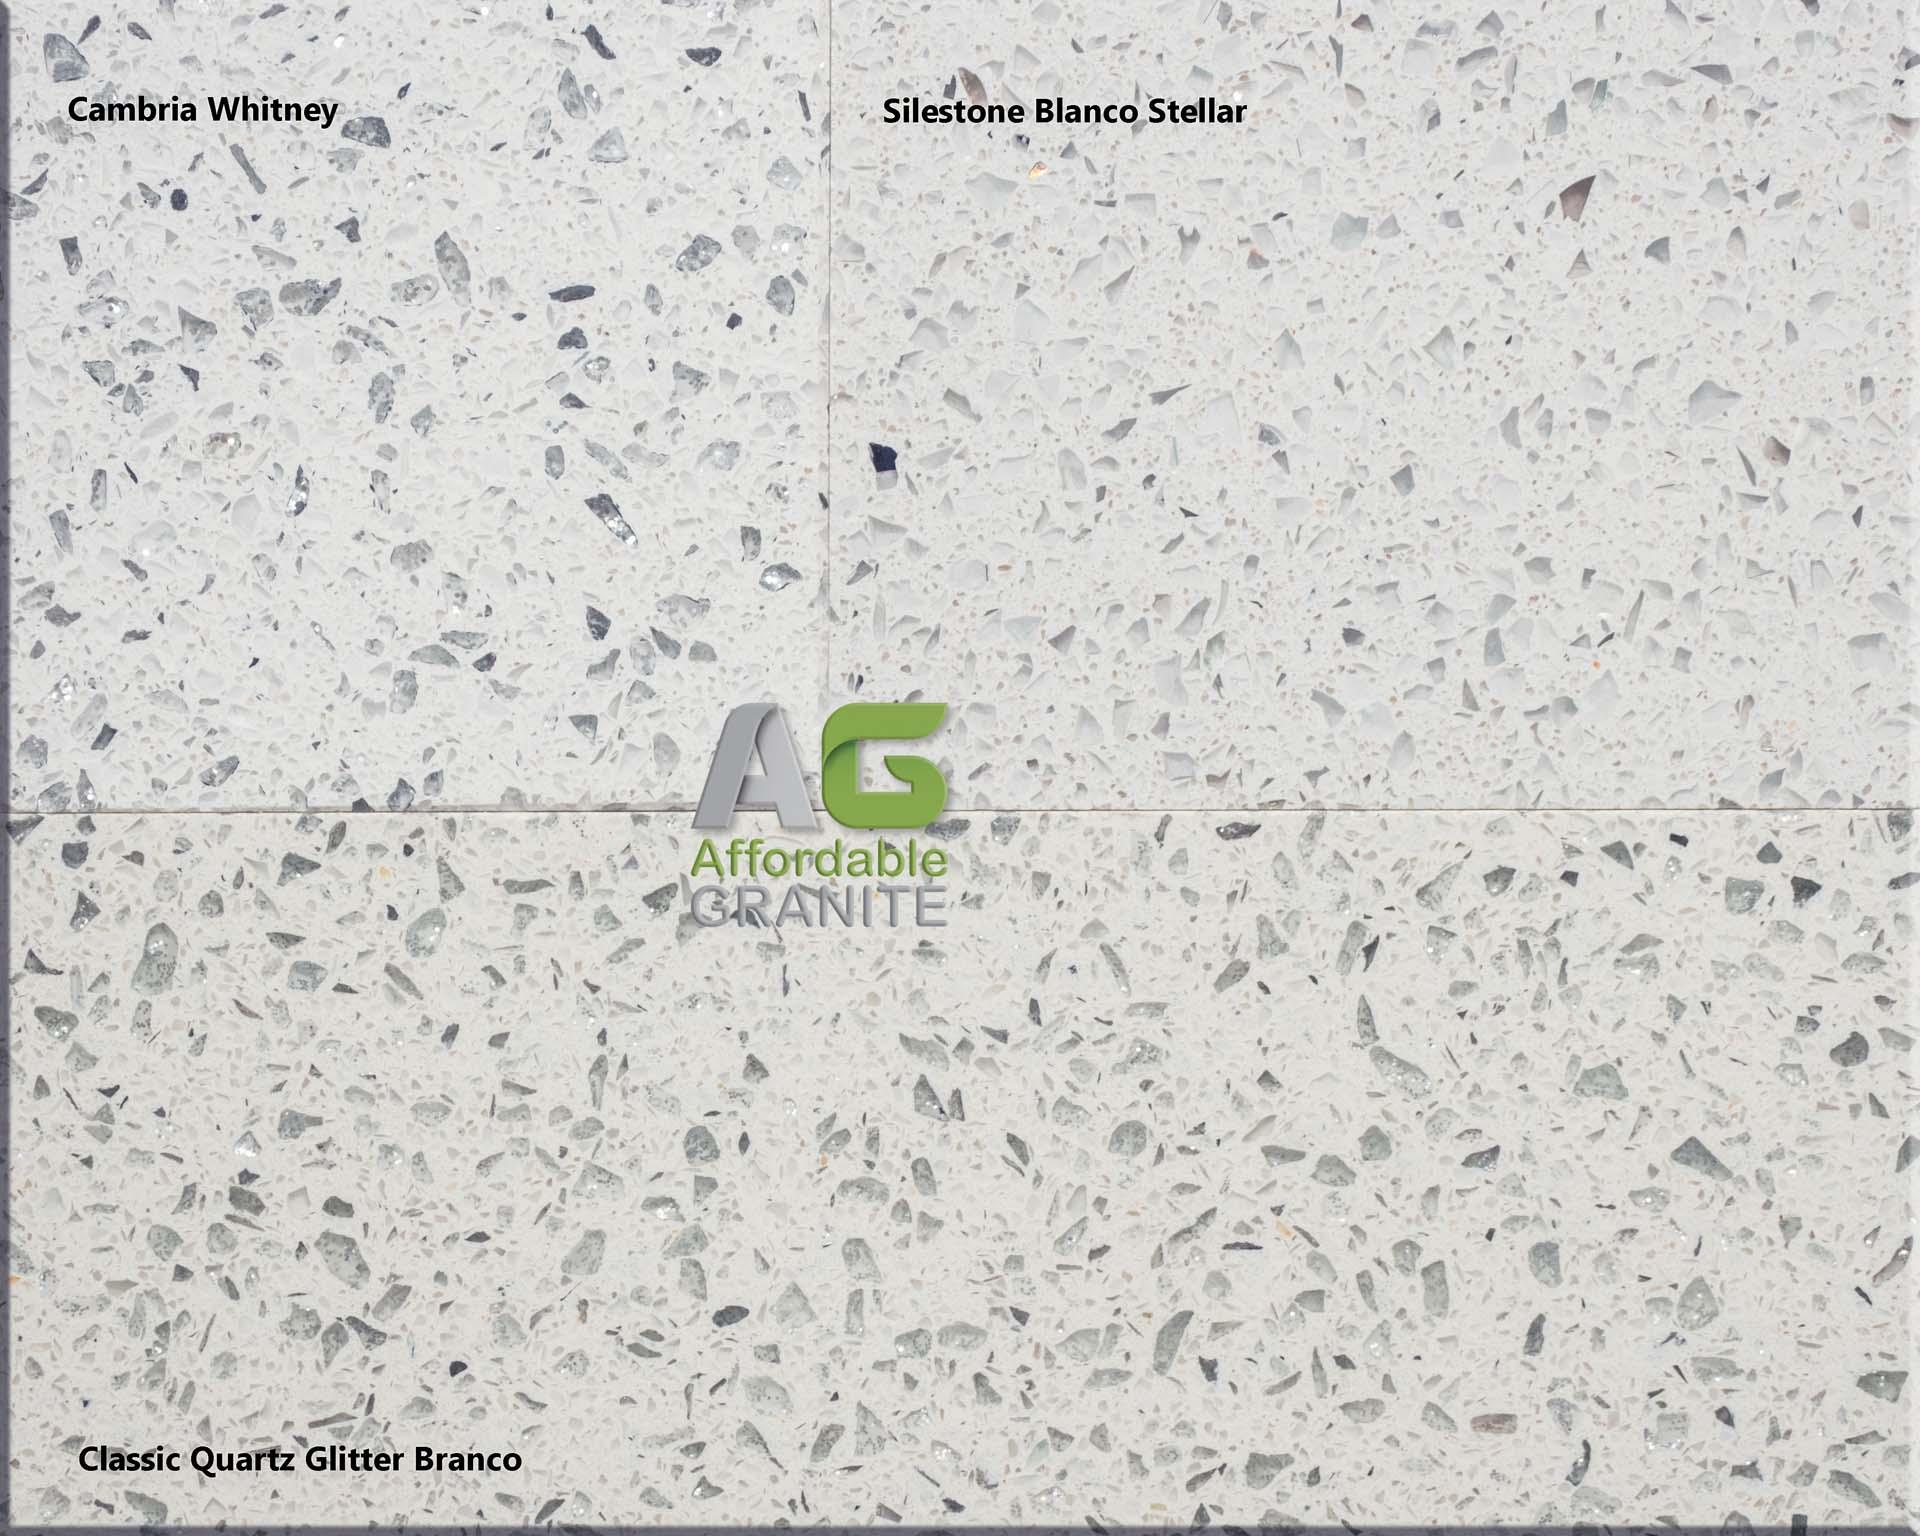 180615 Cambria Whitney Silestone Blanco Stellar Classic quartz Glitter Branco